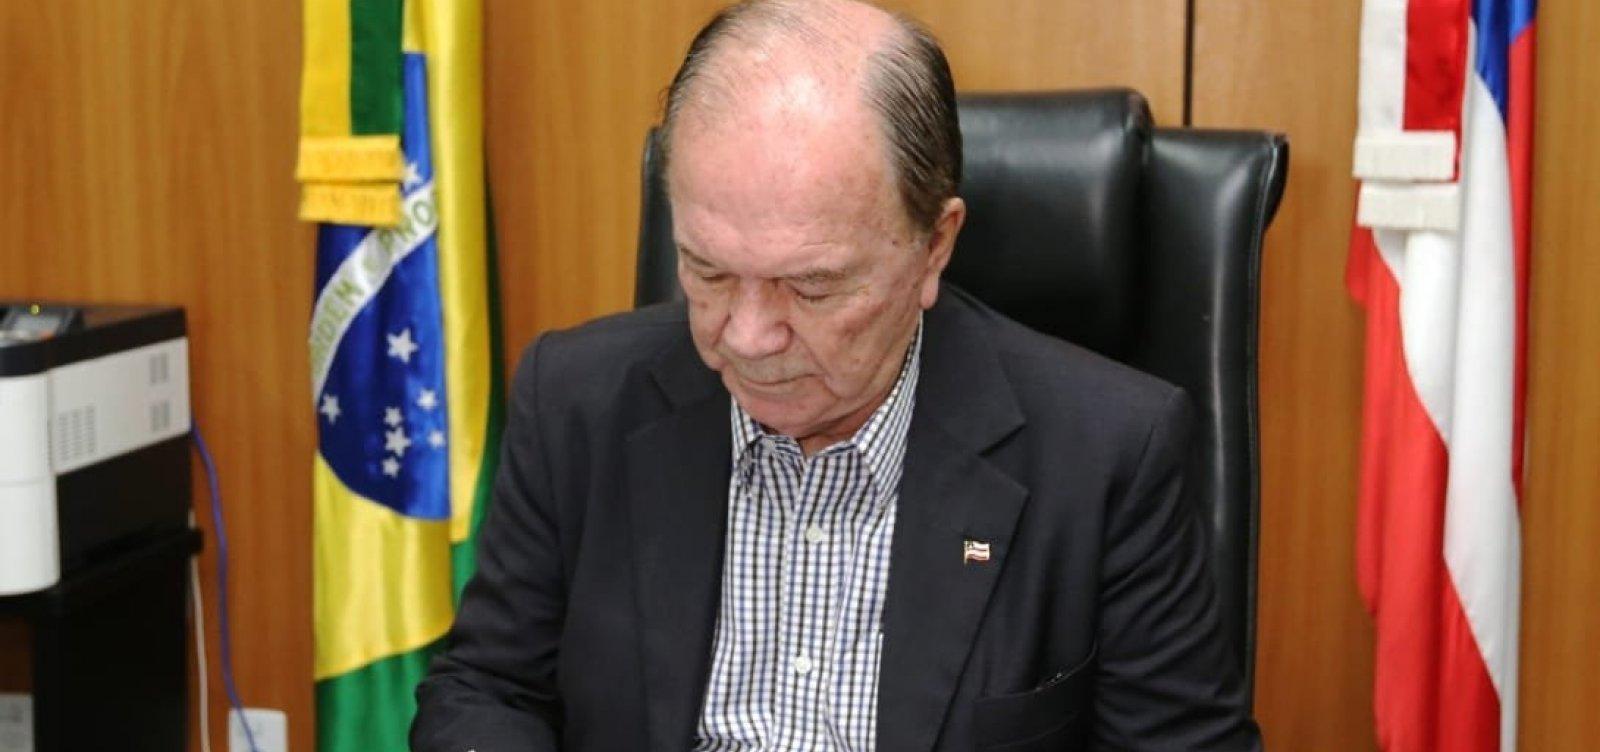 Bancada do PP apela a Leal para desfazer demissão assinada por Leão